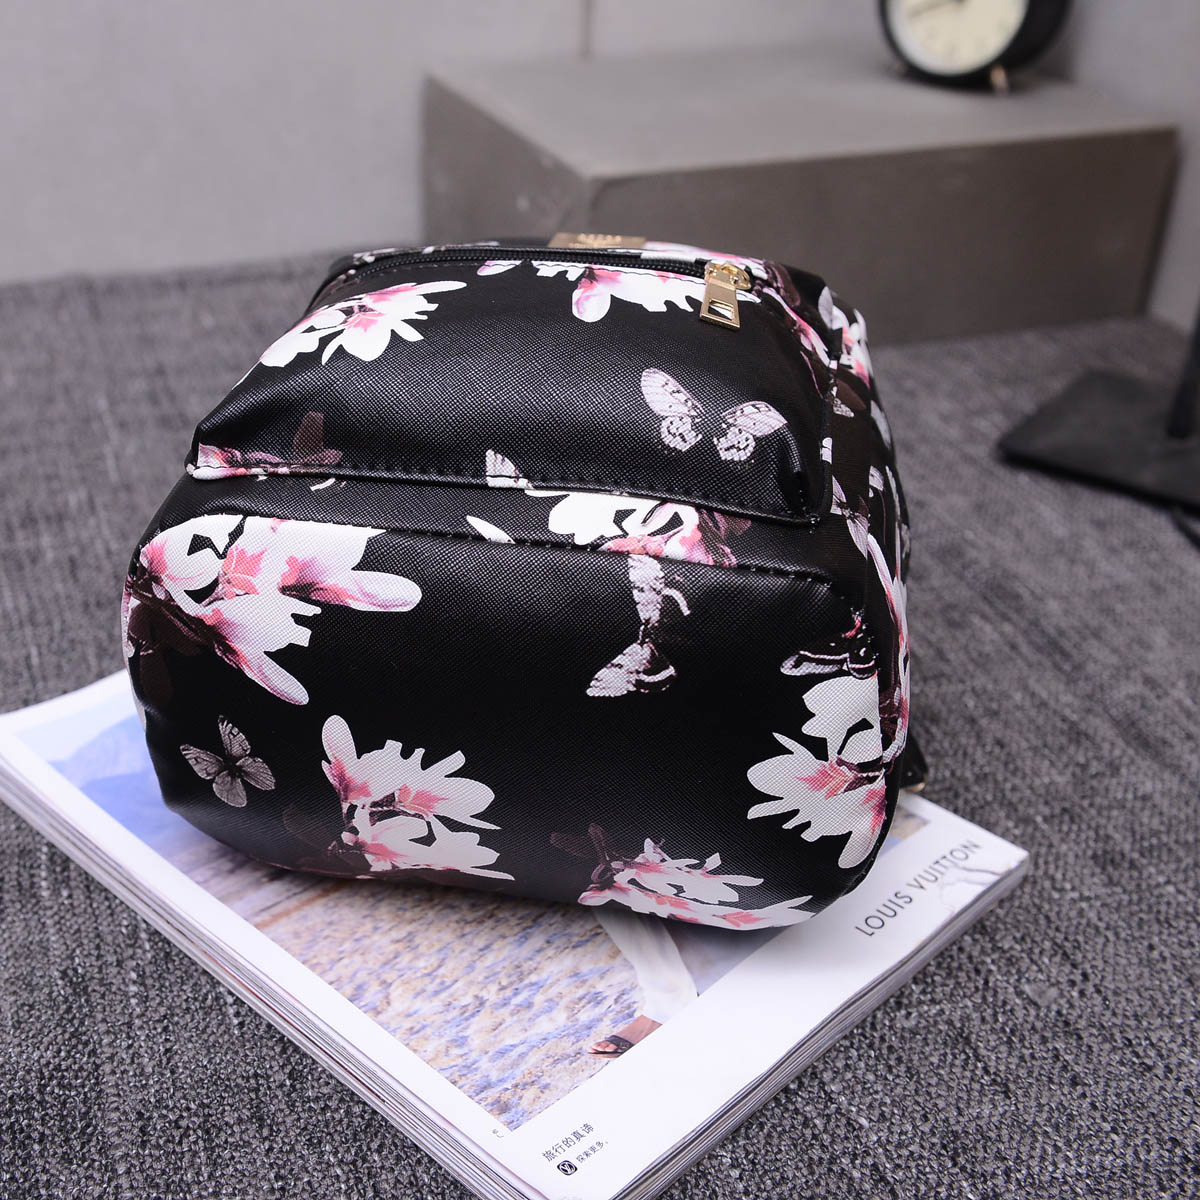 Dámsky kvetinový ruksak s potlačou v čiernej farbe  c91094ede35